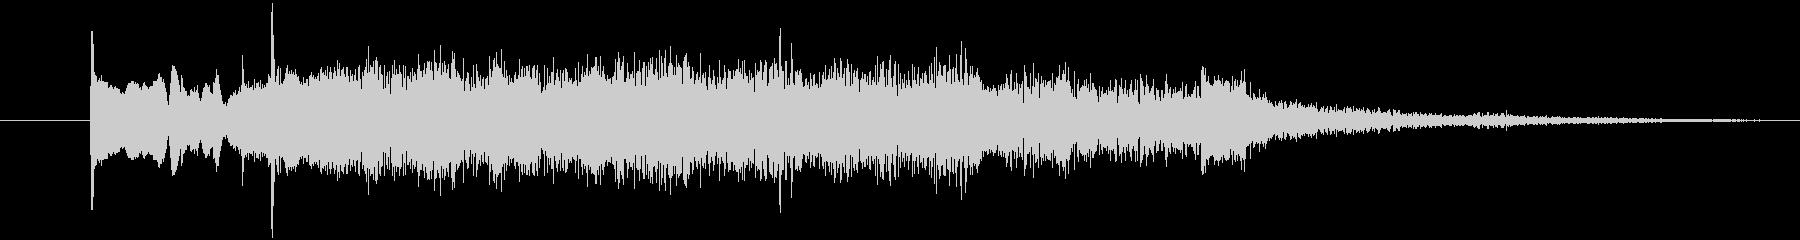 ジングル用BGM(幻想的&アイキャッチ)の未再生の波形